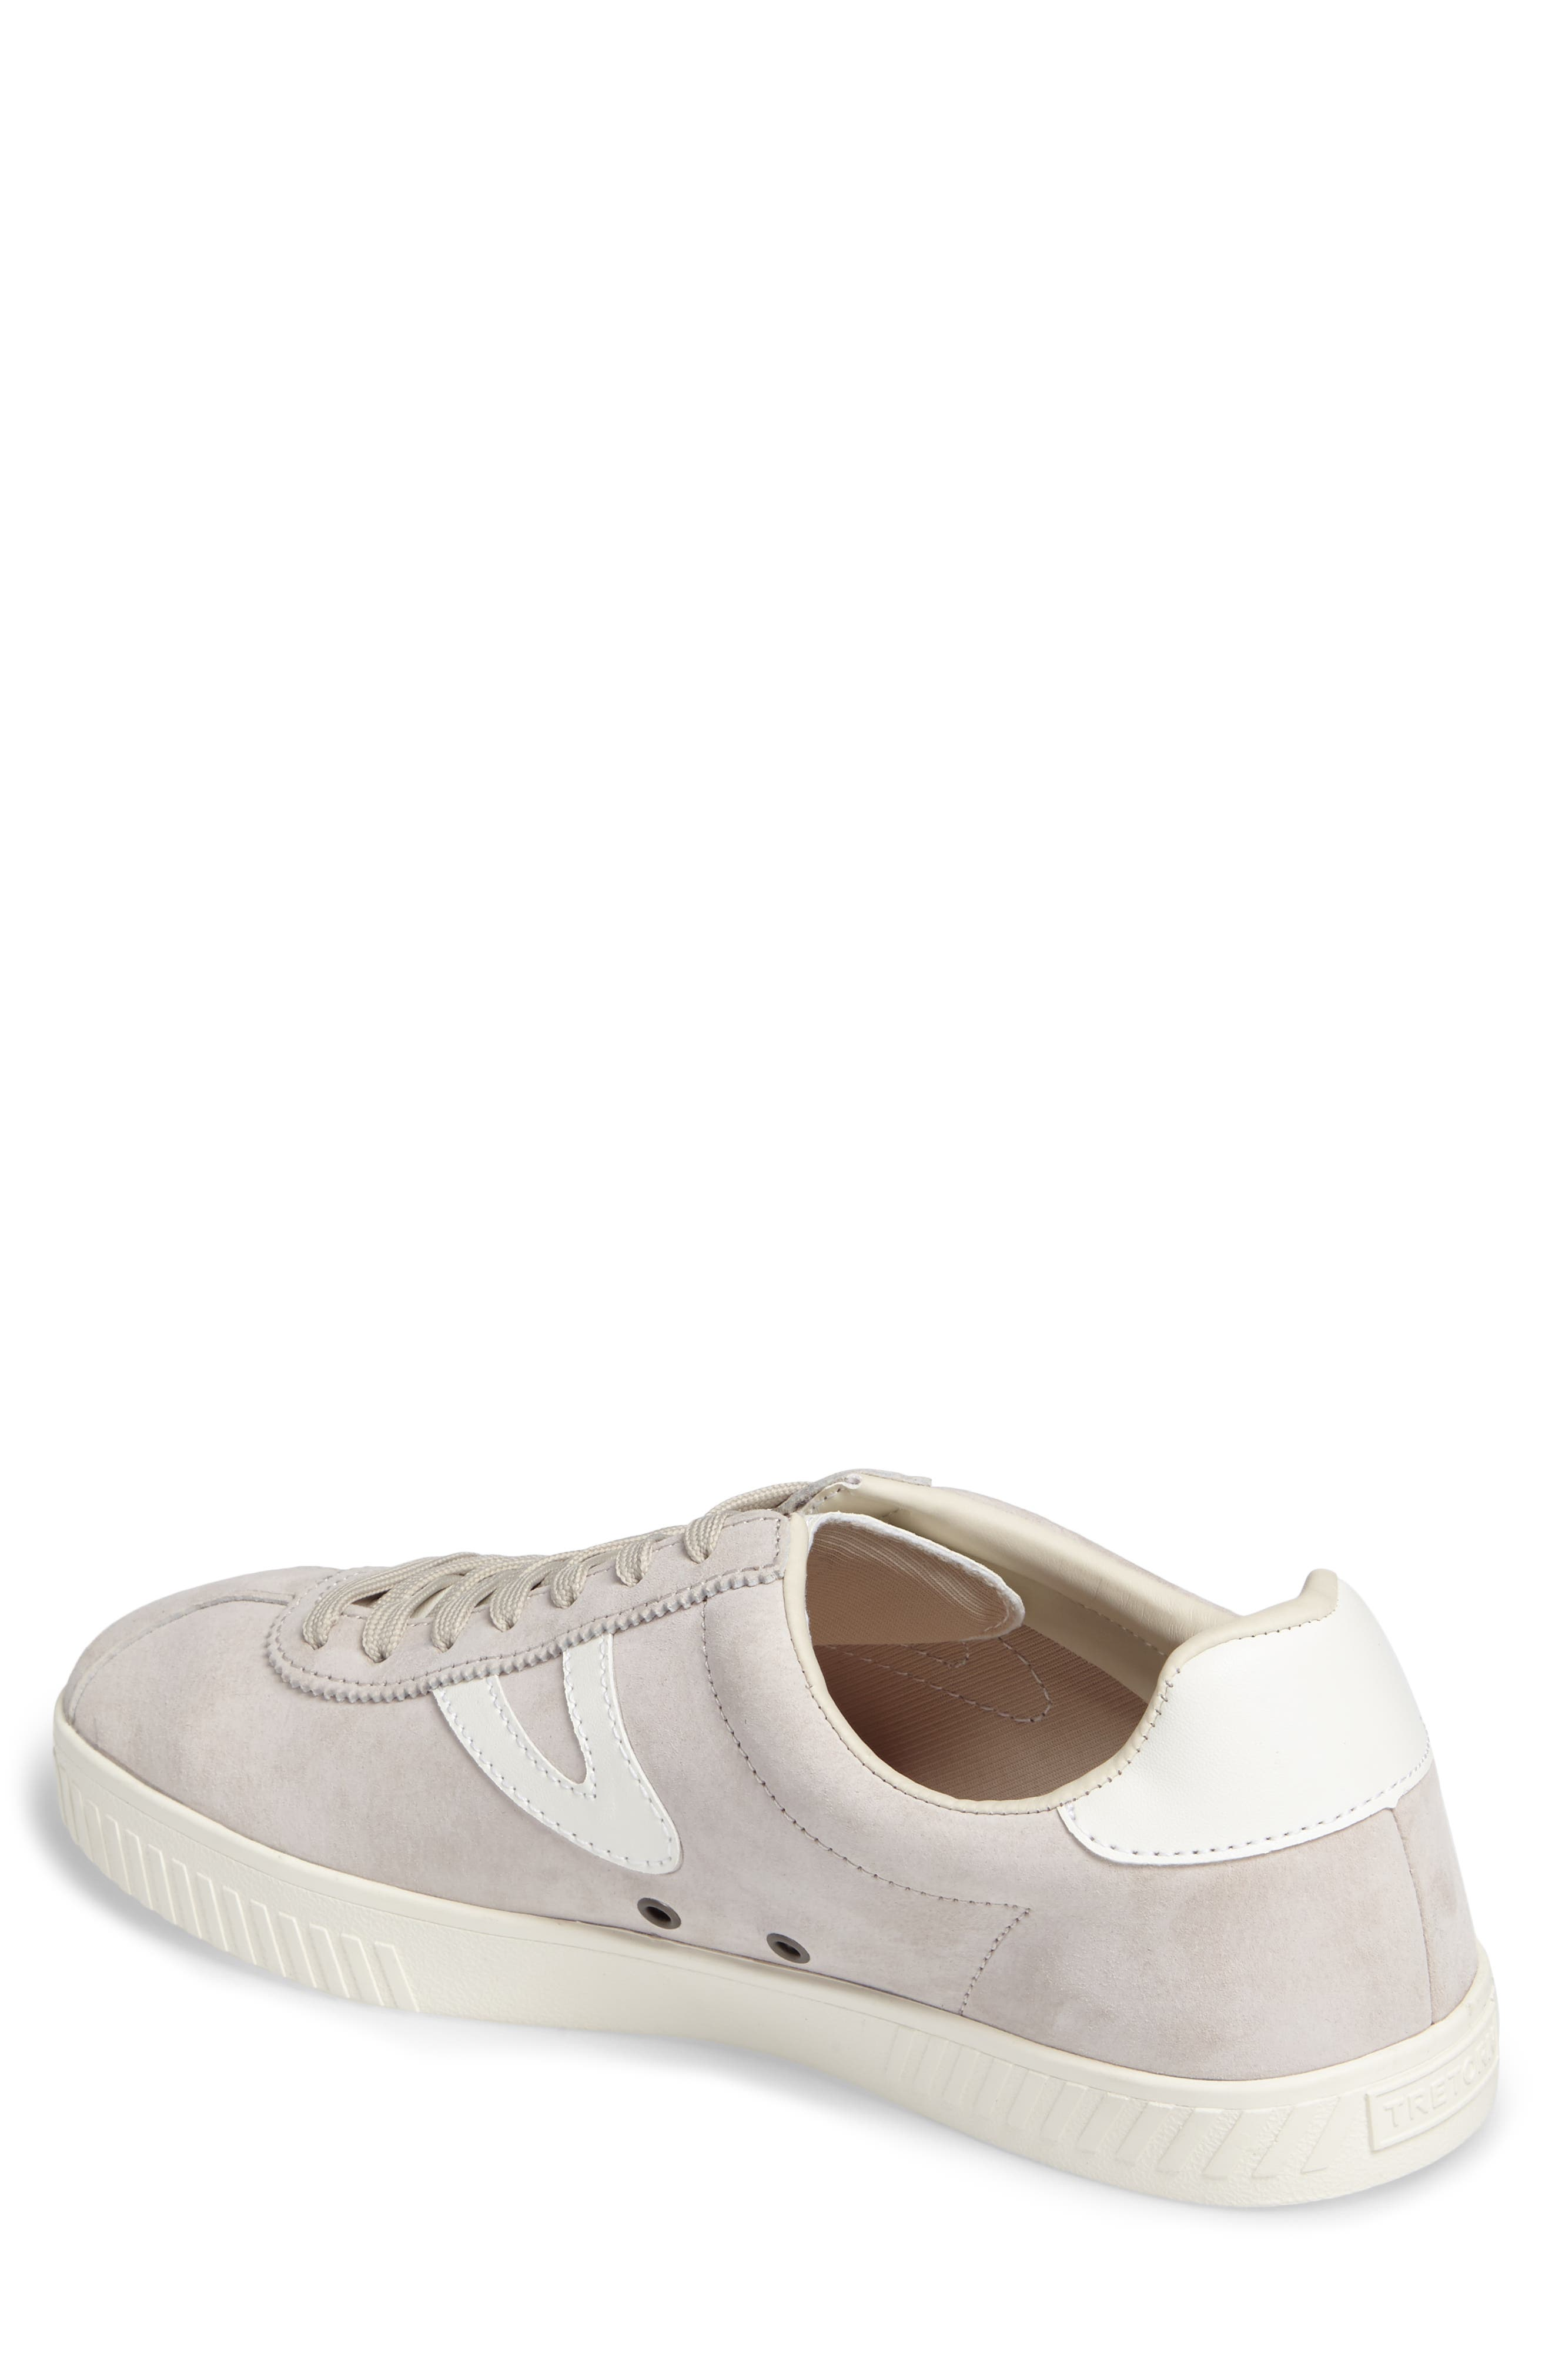 Camden 3 Sneaker,                             Alternate thumbnail 2, color,                             Birch/ White Nubuck